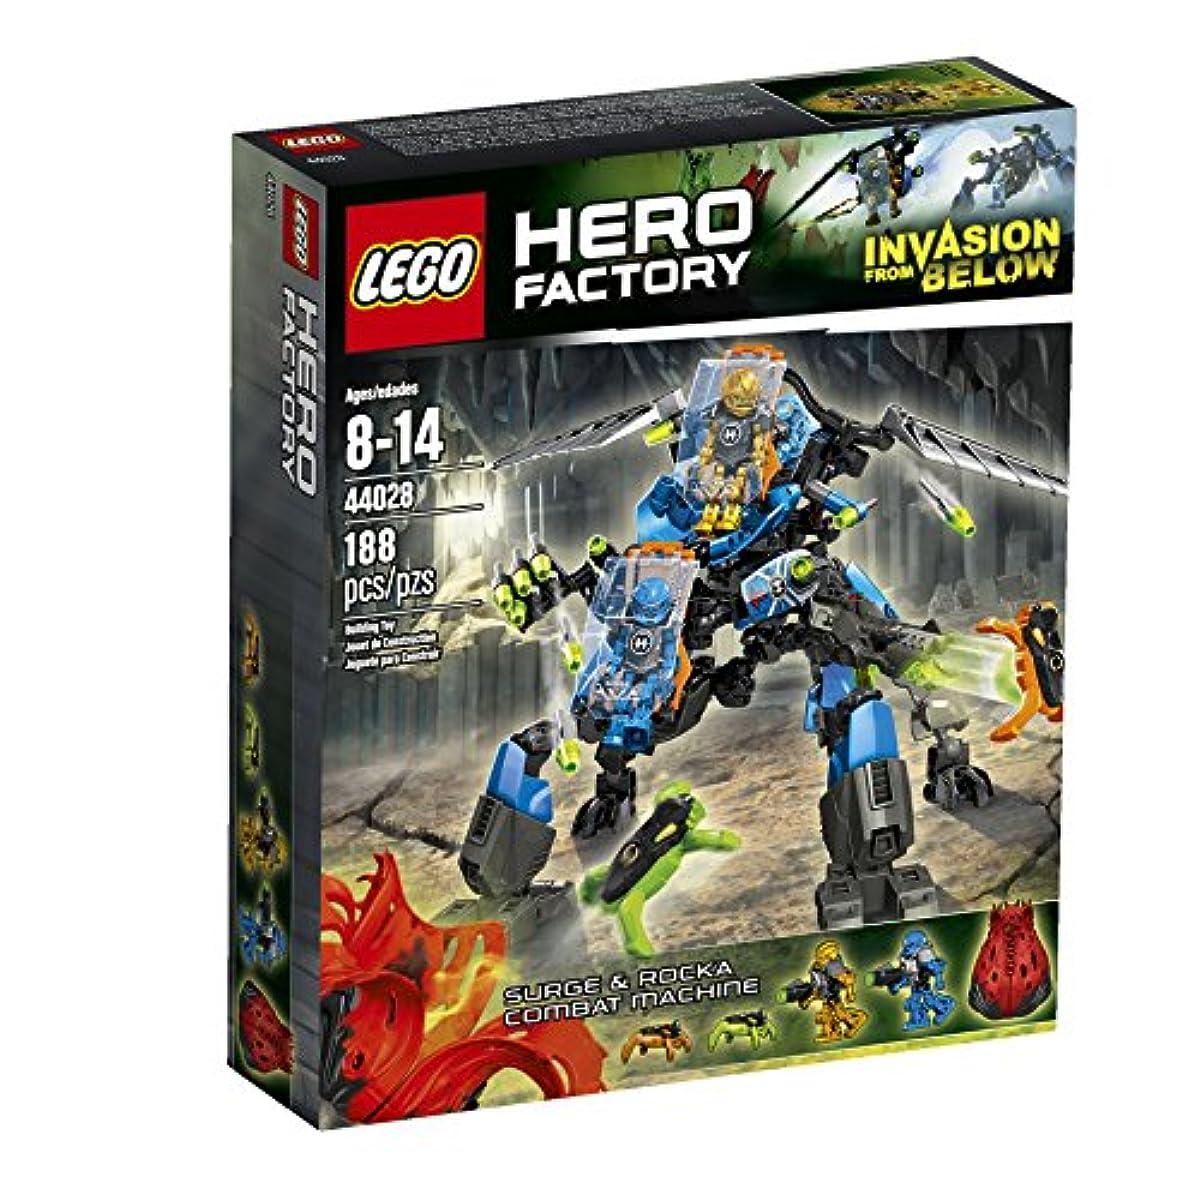 [해외] LEGO HERO FACTORY SURGE AND ROCKA COMBAT MACHINE 44028 BUILDING SET-6058996